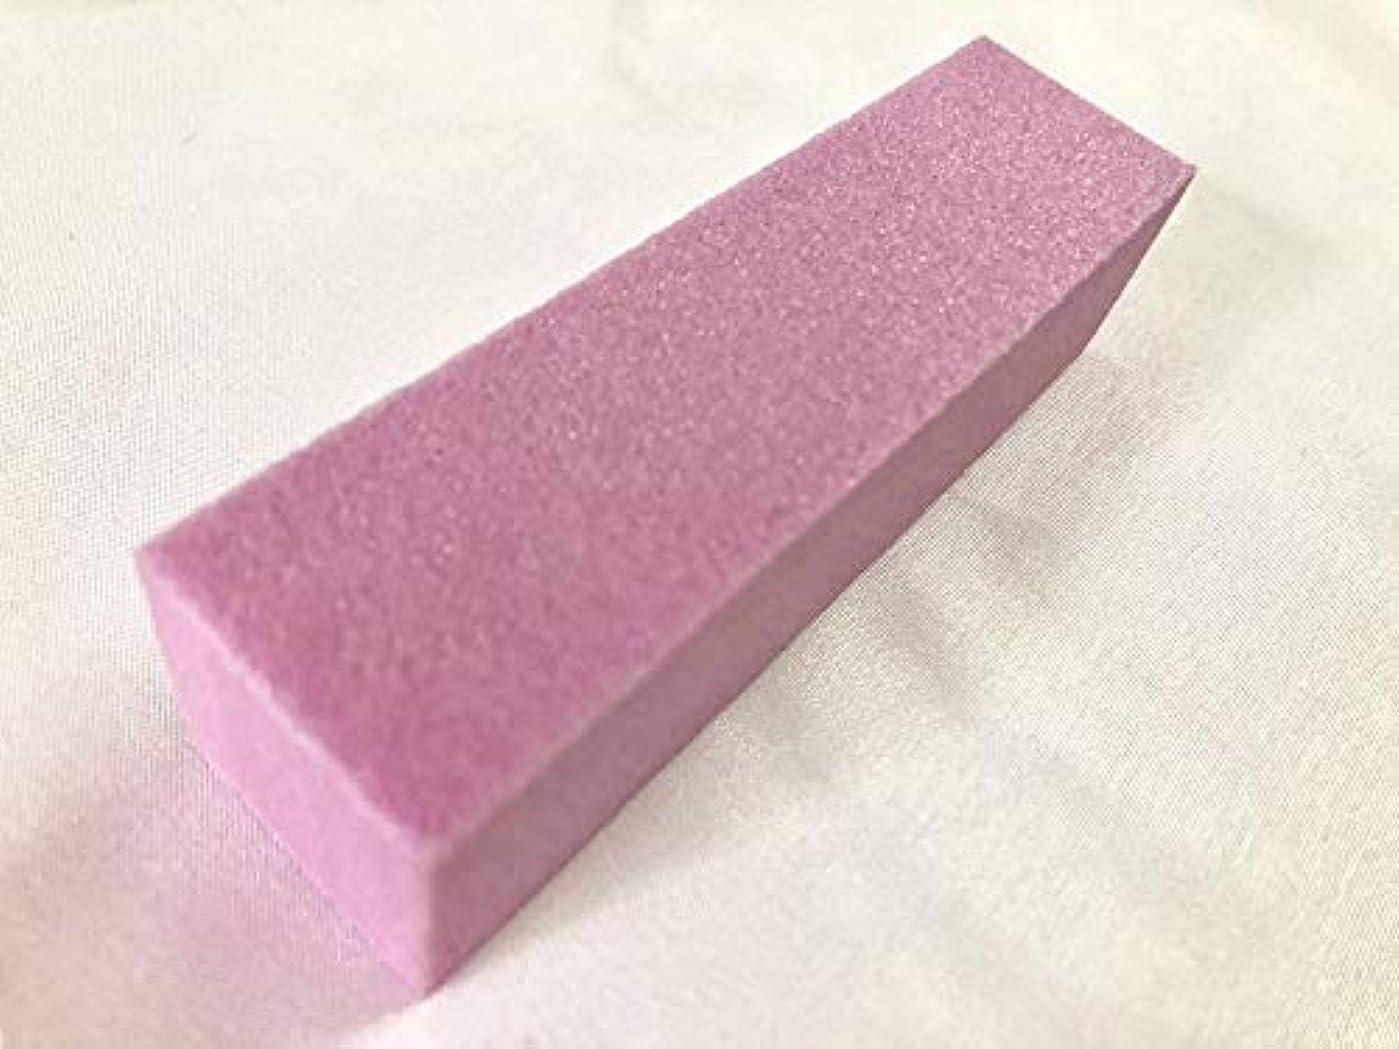 靄ピッチャーみがきますスポンジ ネイル ファイル 4本セット マニュキュア ネイル ジェルネイル カラフルなスポンジやすりです 使用用途: ネイルファイル 角質とり 刃物のやすり